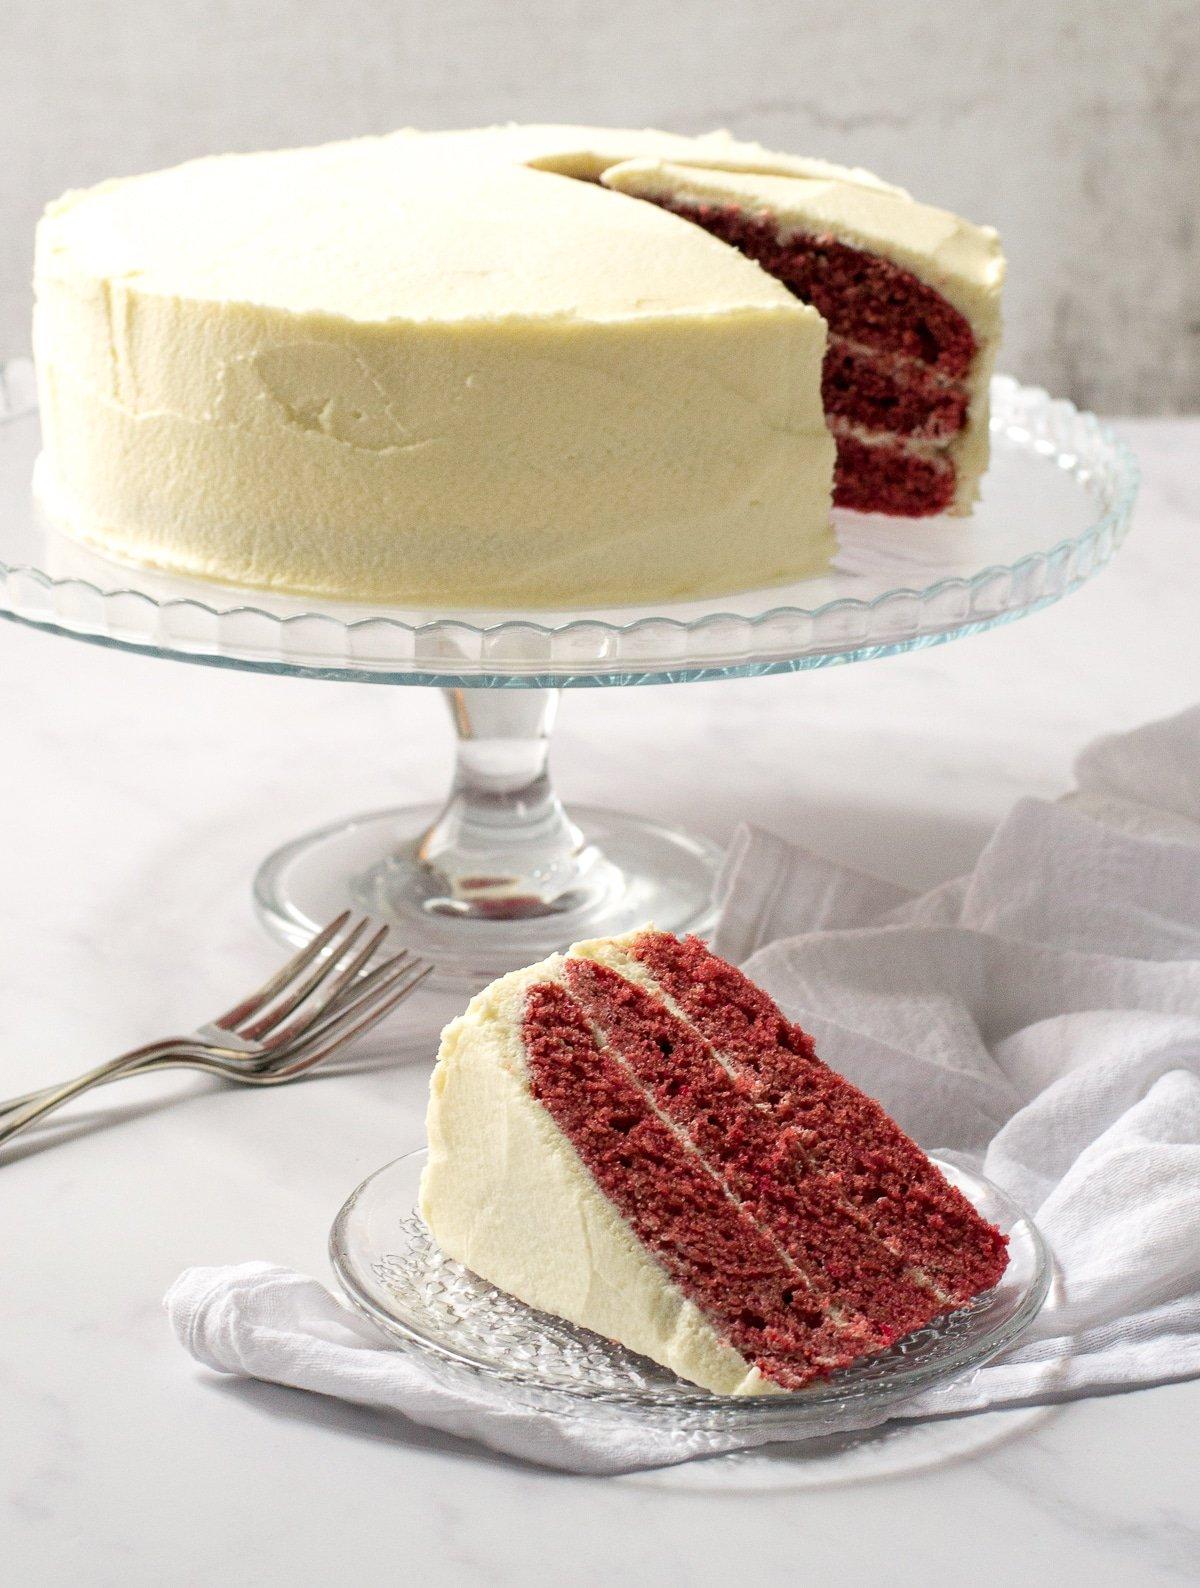 Vegan Red Velvet Cake The Veg Space Vegan Recipes